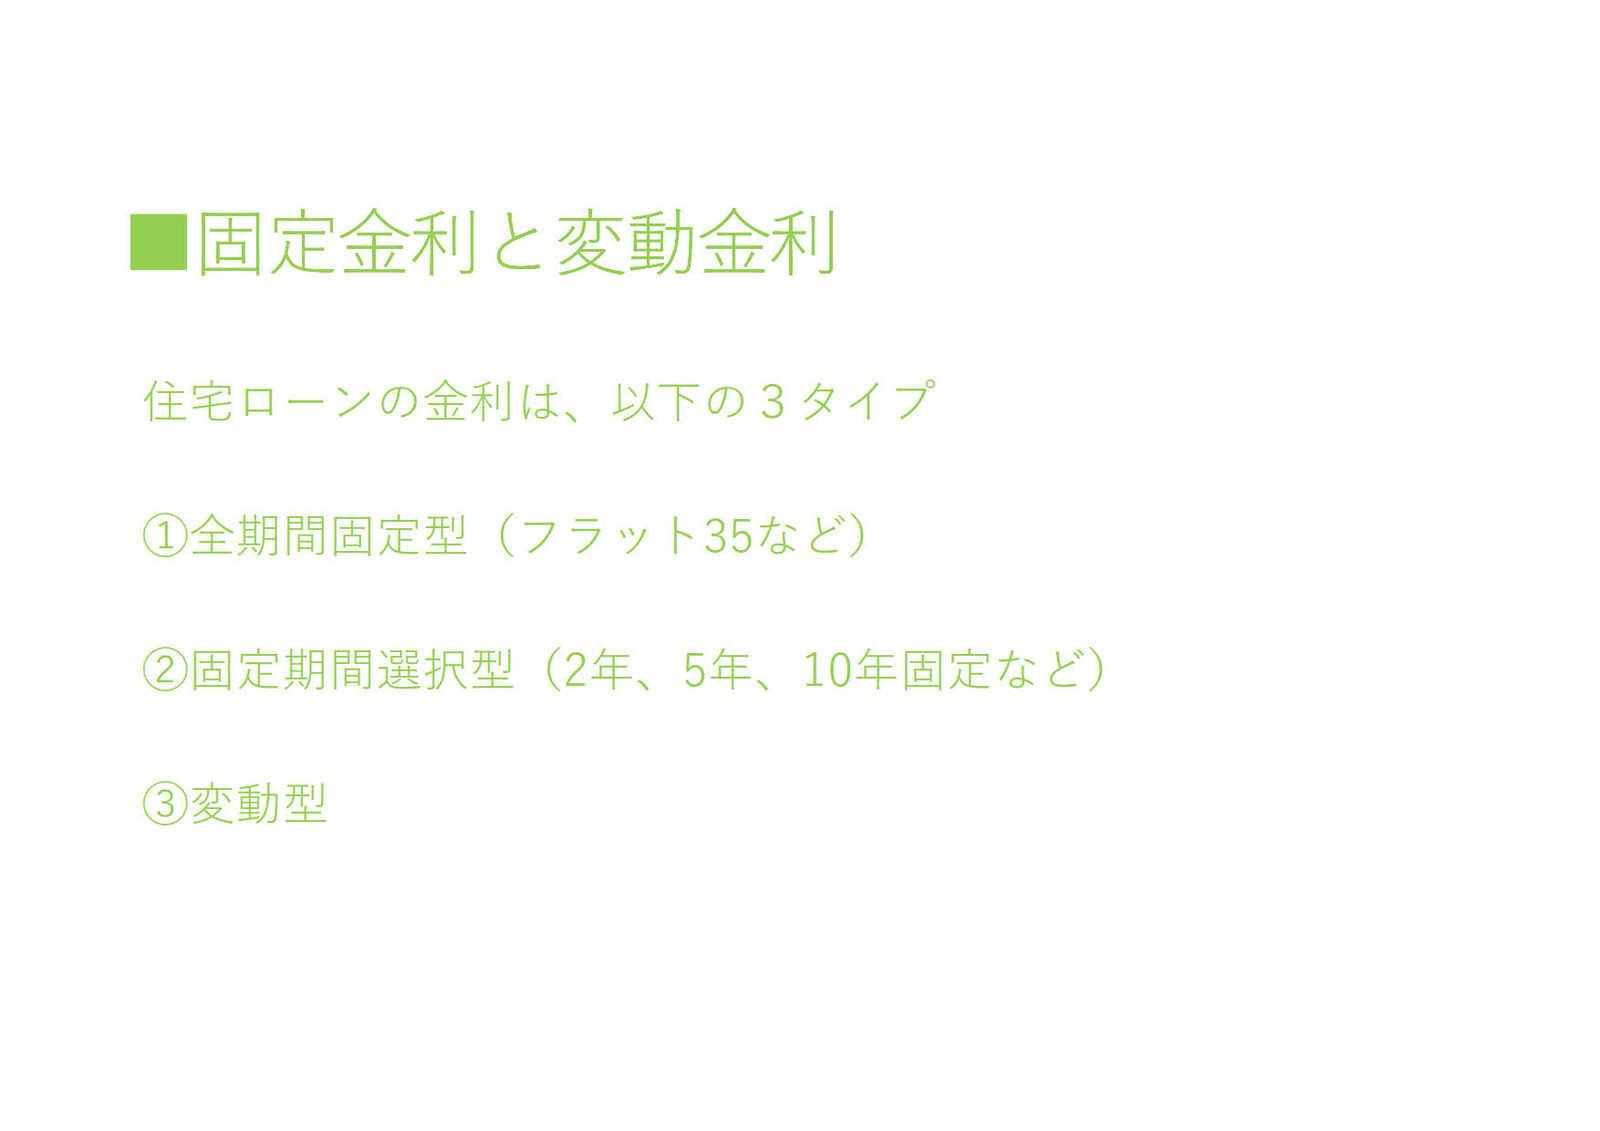 固定金利と変動金利.jpg